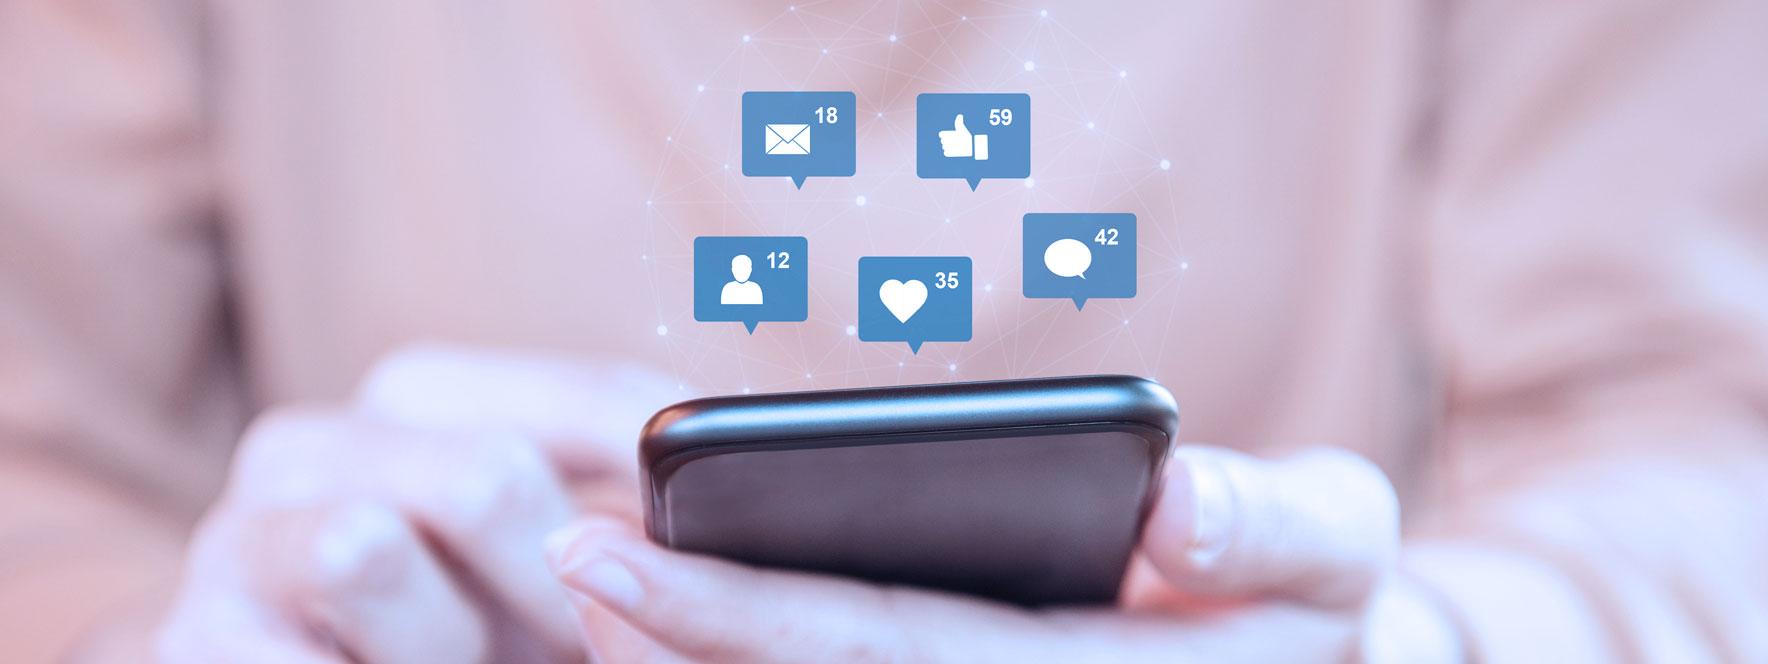 Avoir des contacts sur les médias sociaux | Le Réseau